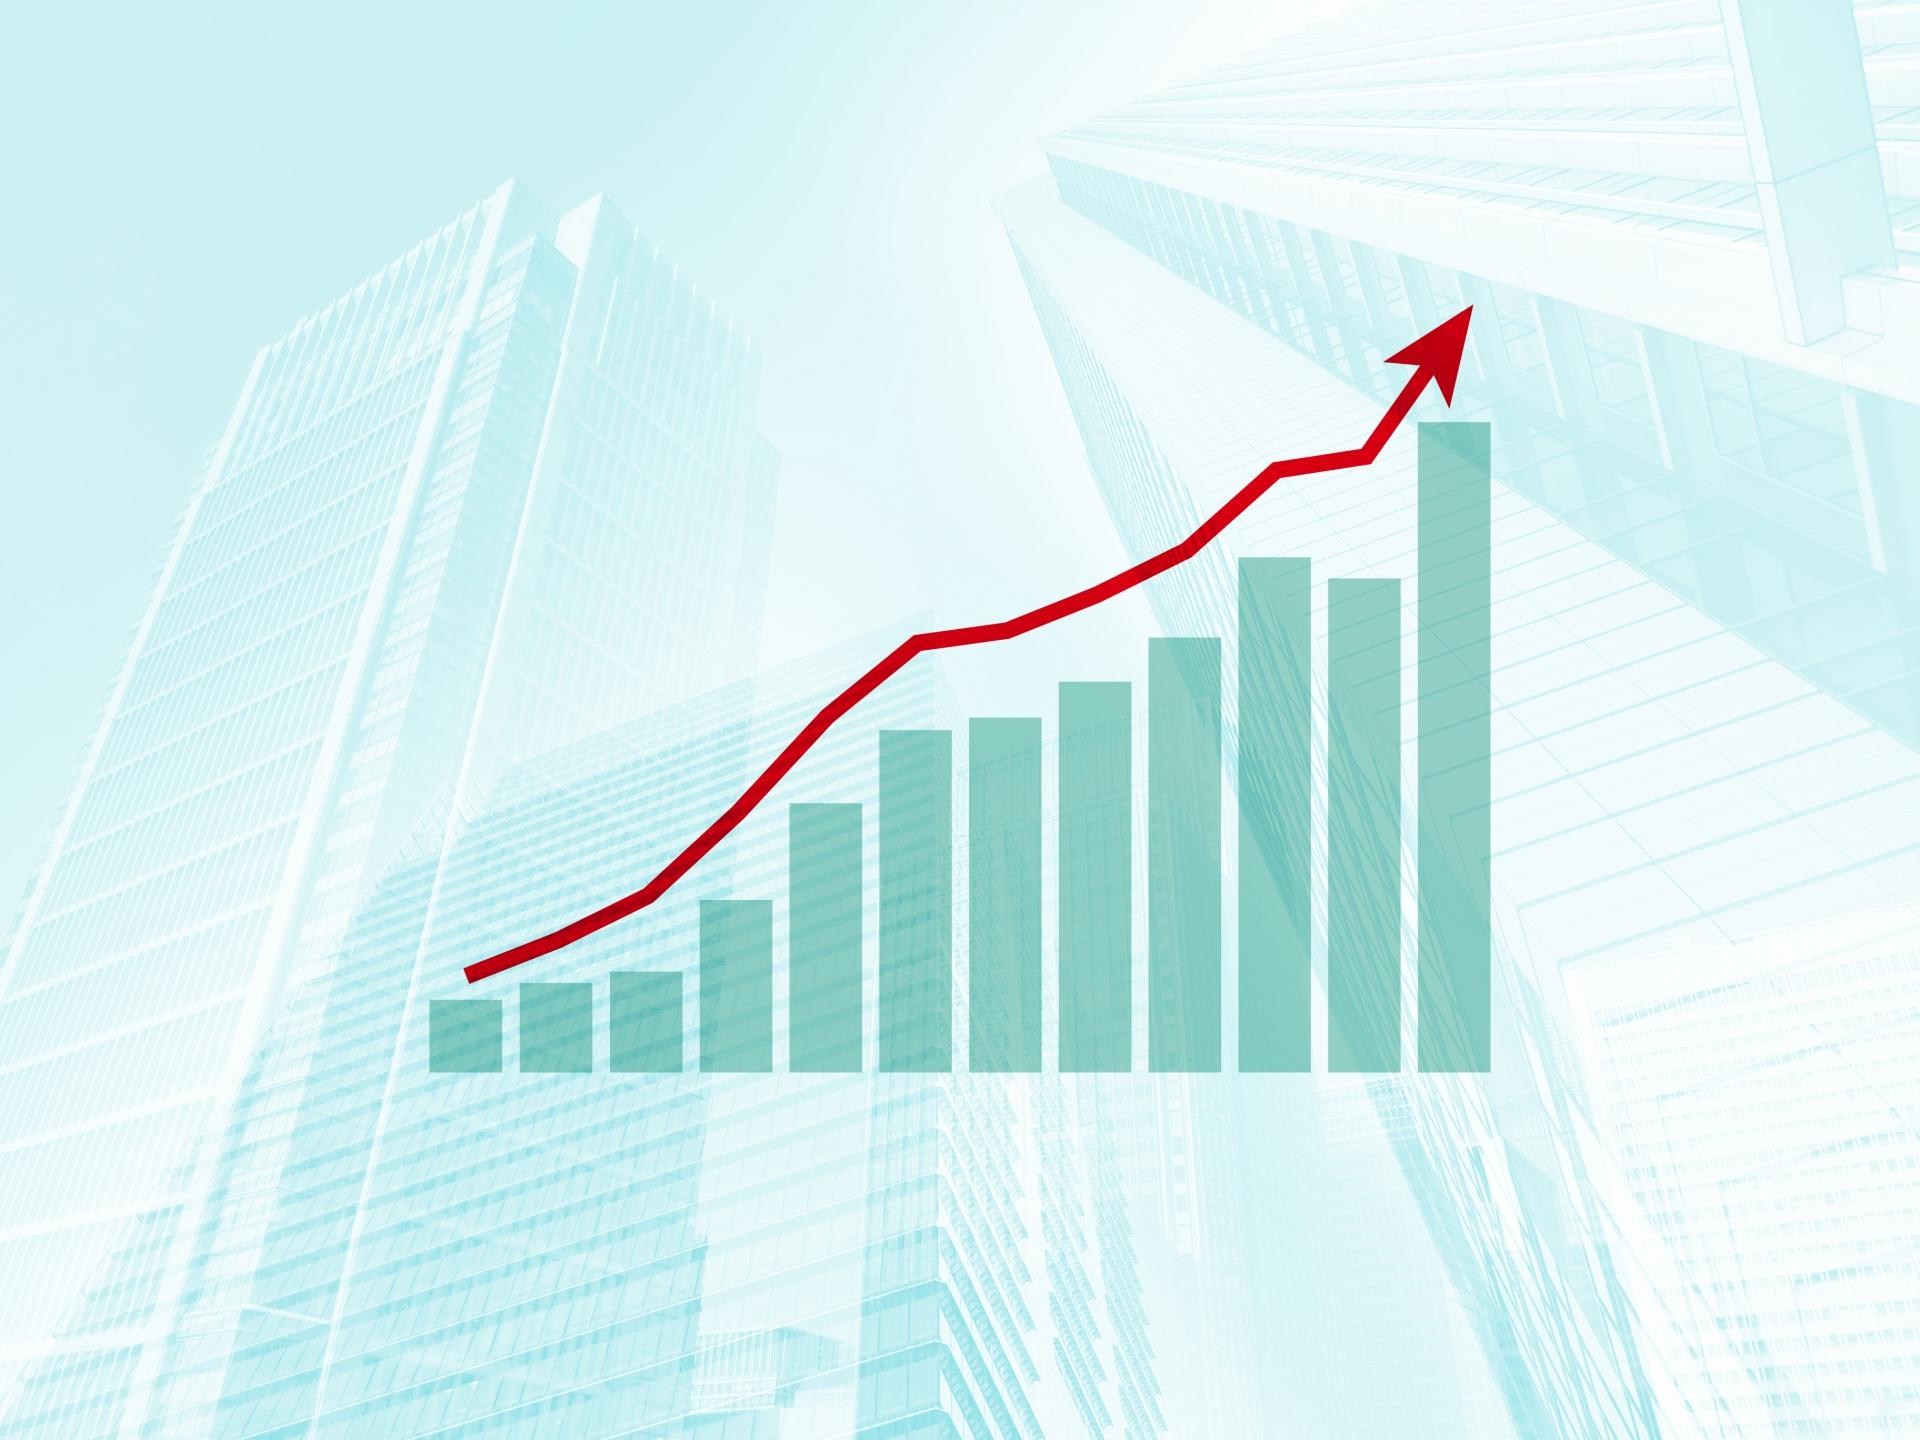 米住宅バブル真っただ中?ケース・シラー住宅価格指数とは?